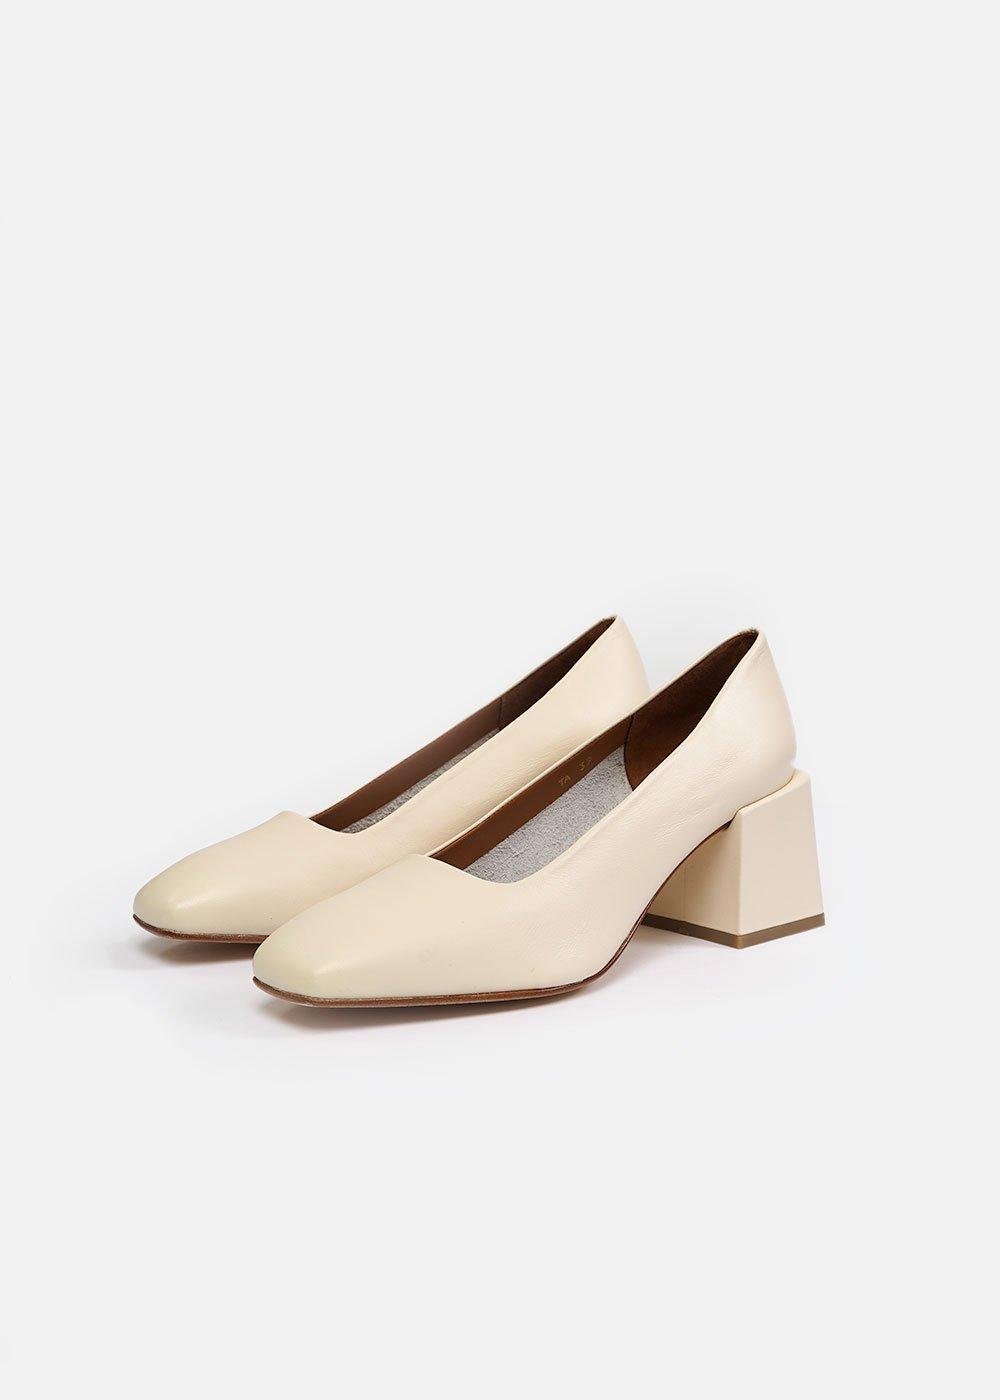 loq-villa-heels-new-classics-studios-canada-1_2048x.jpg